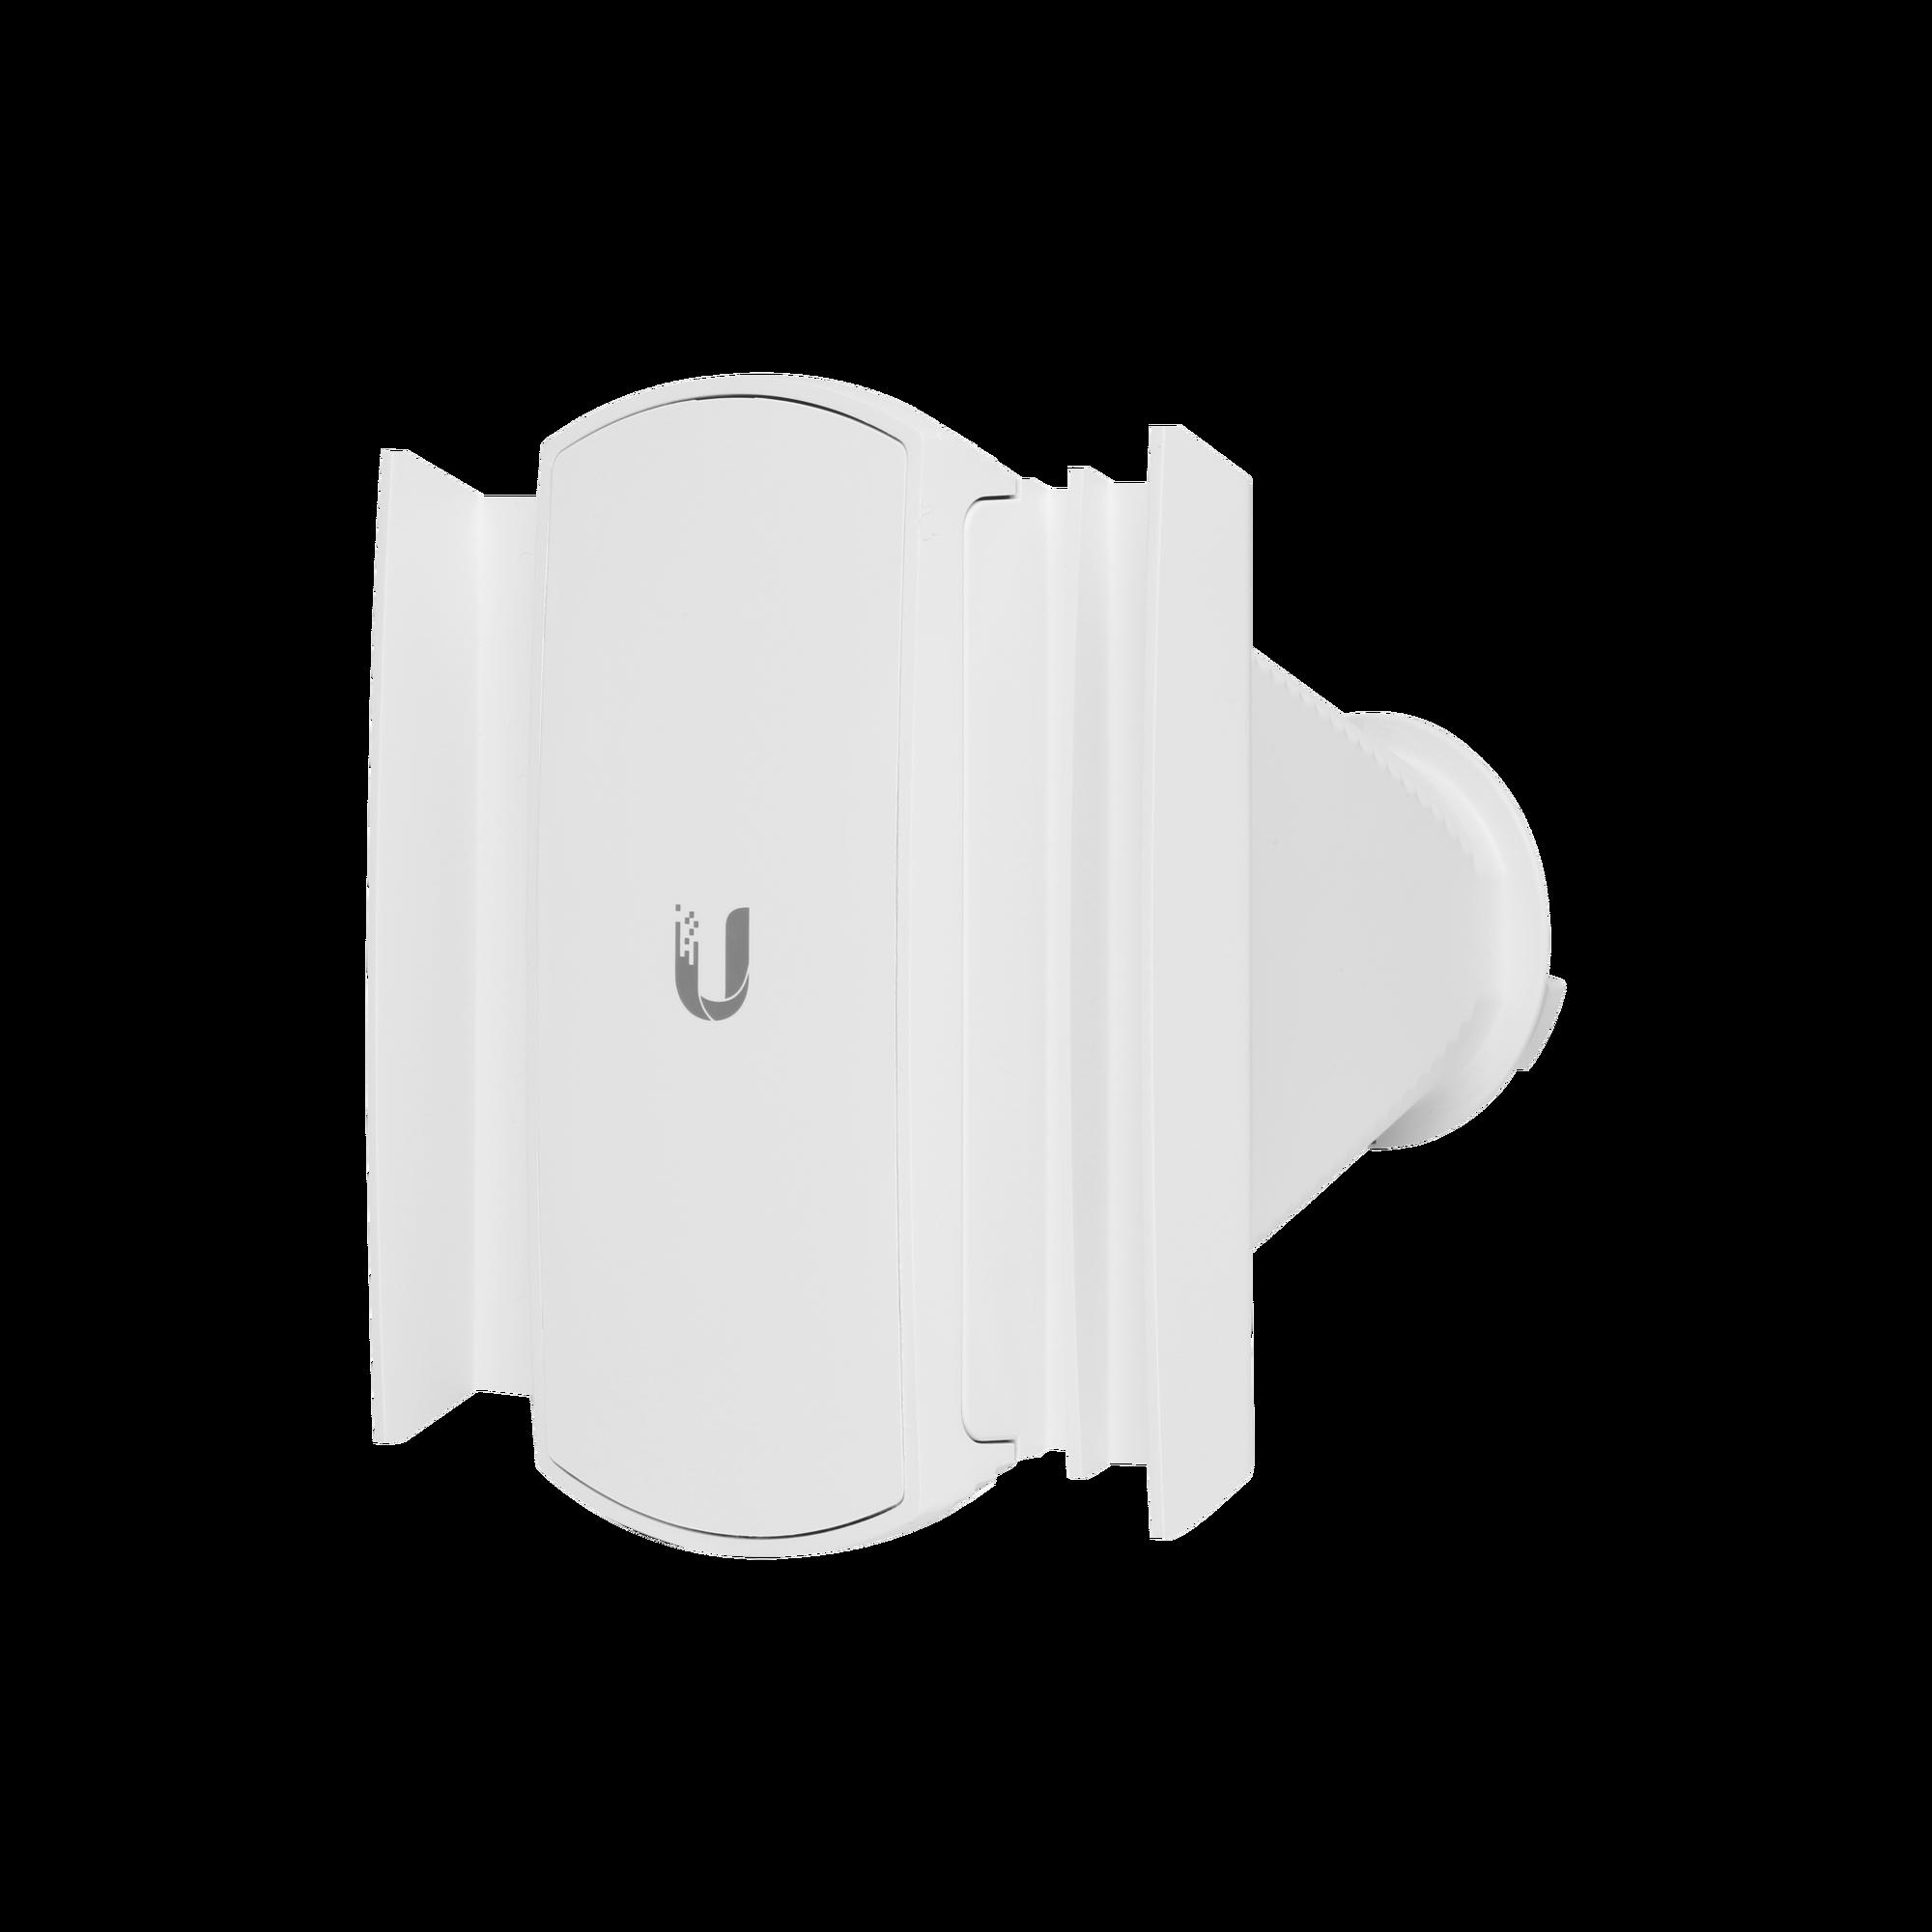 Antena sectorial asimétrica tipo HORN de 60 grados de apertura de 16 dBi, 5 GHz (5.150 - 5.850 MHz) para equipos PrismStation e IsoStation